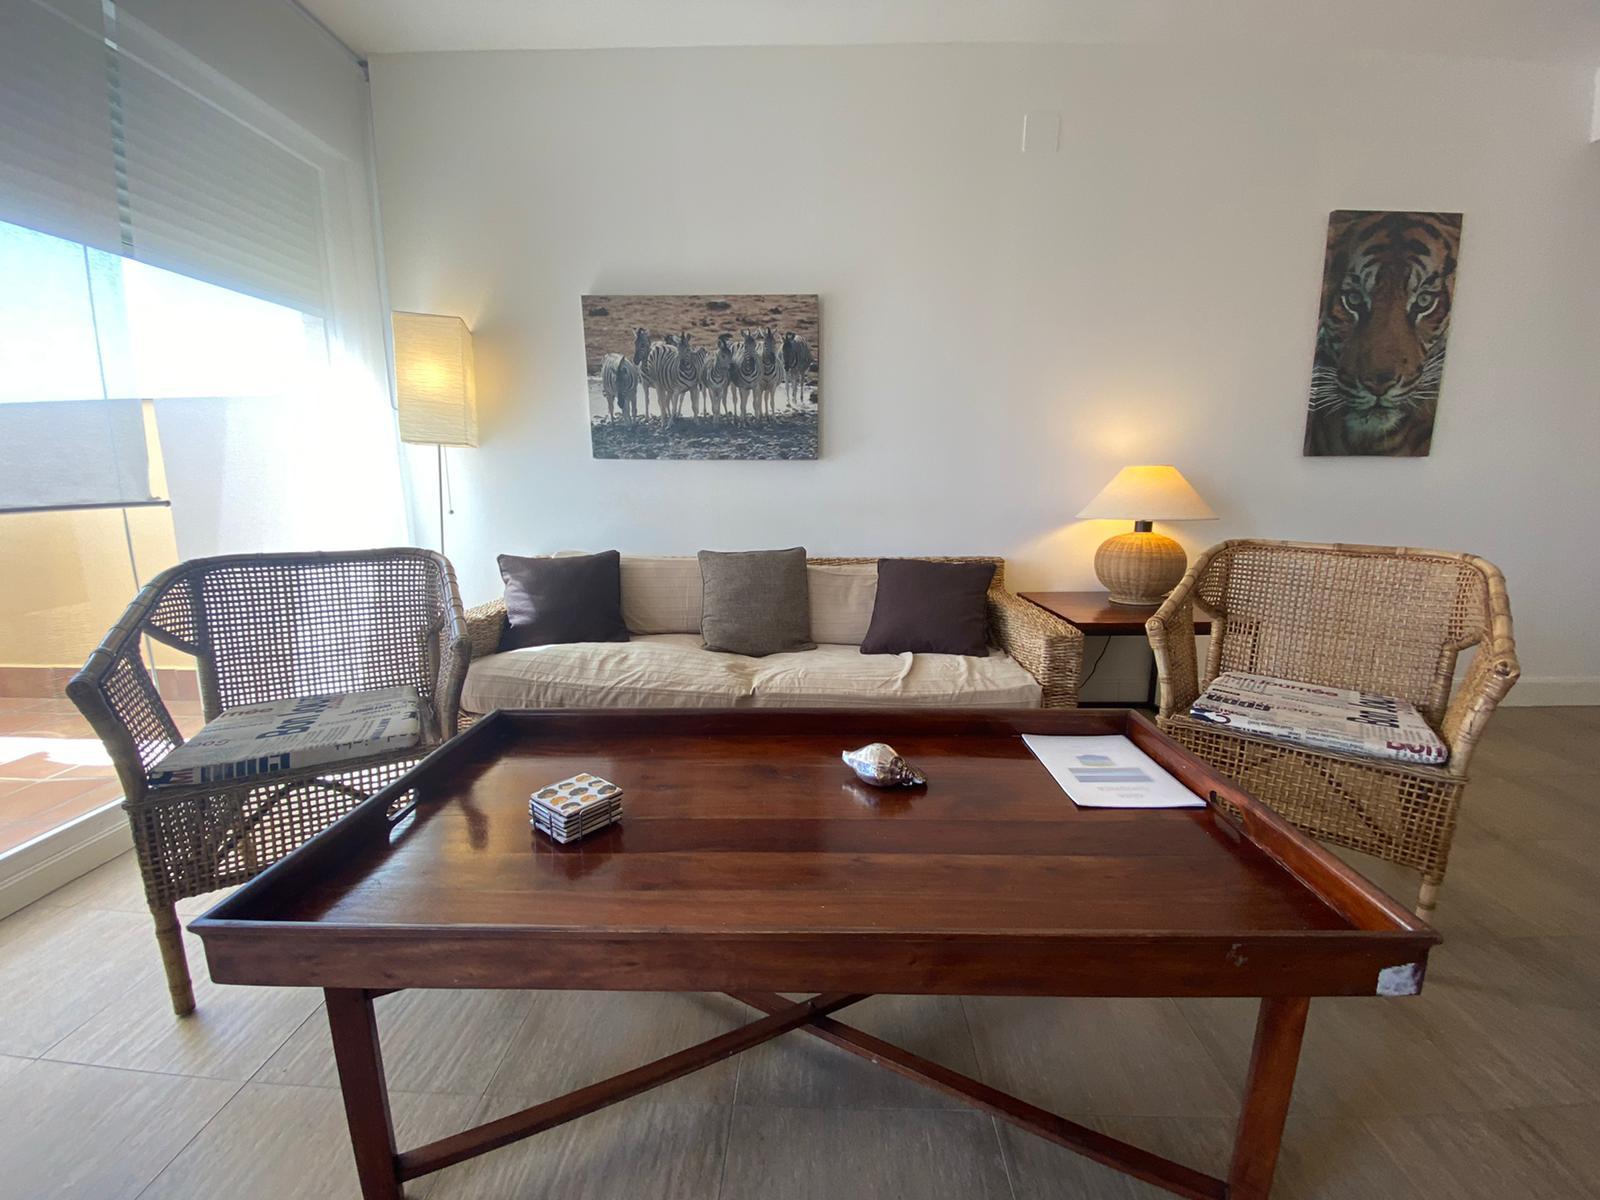 Imagen 3 del Apartamento Turístico, Ático 1 Central (3d+2b), Punta del Moral (HUELVA), Paseo de la Cruz nº22